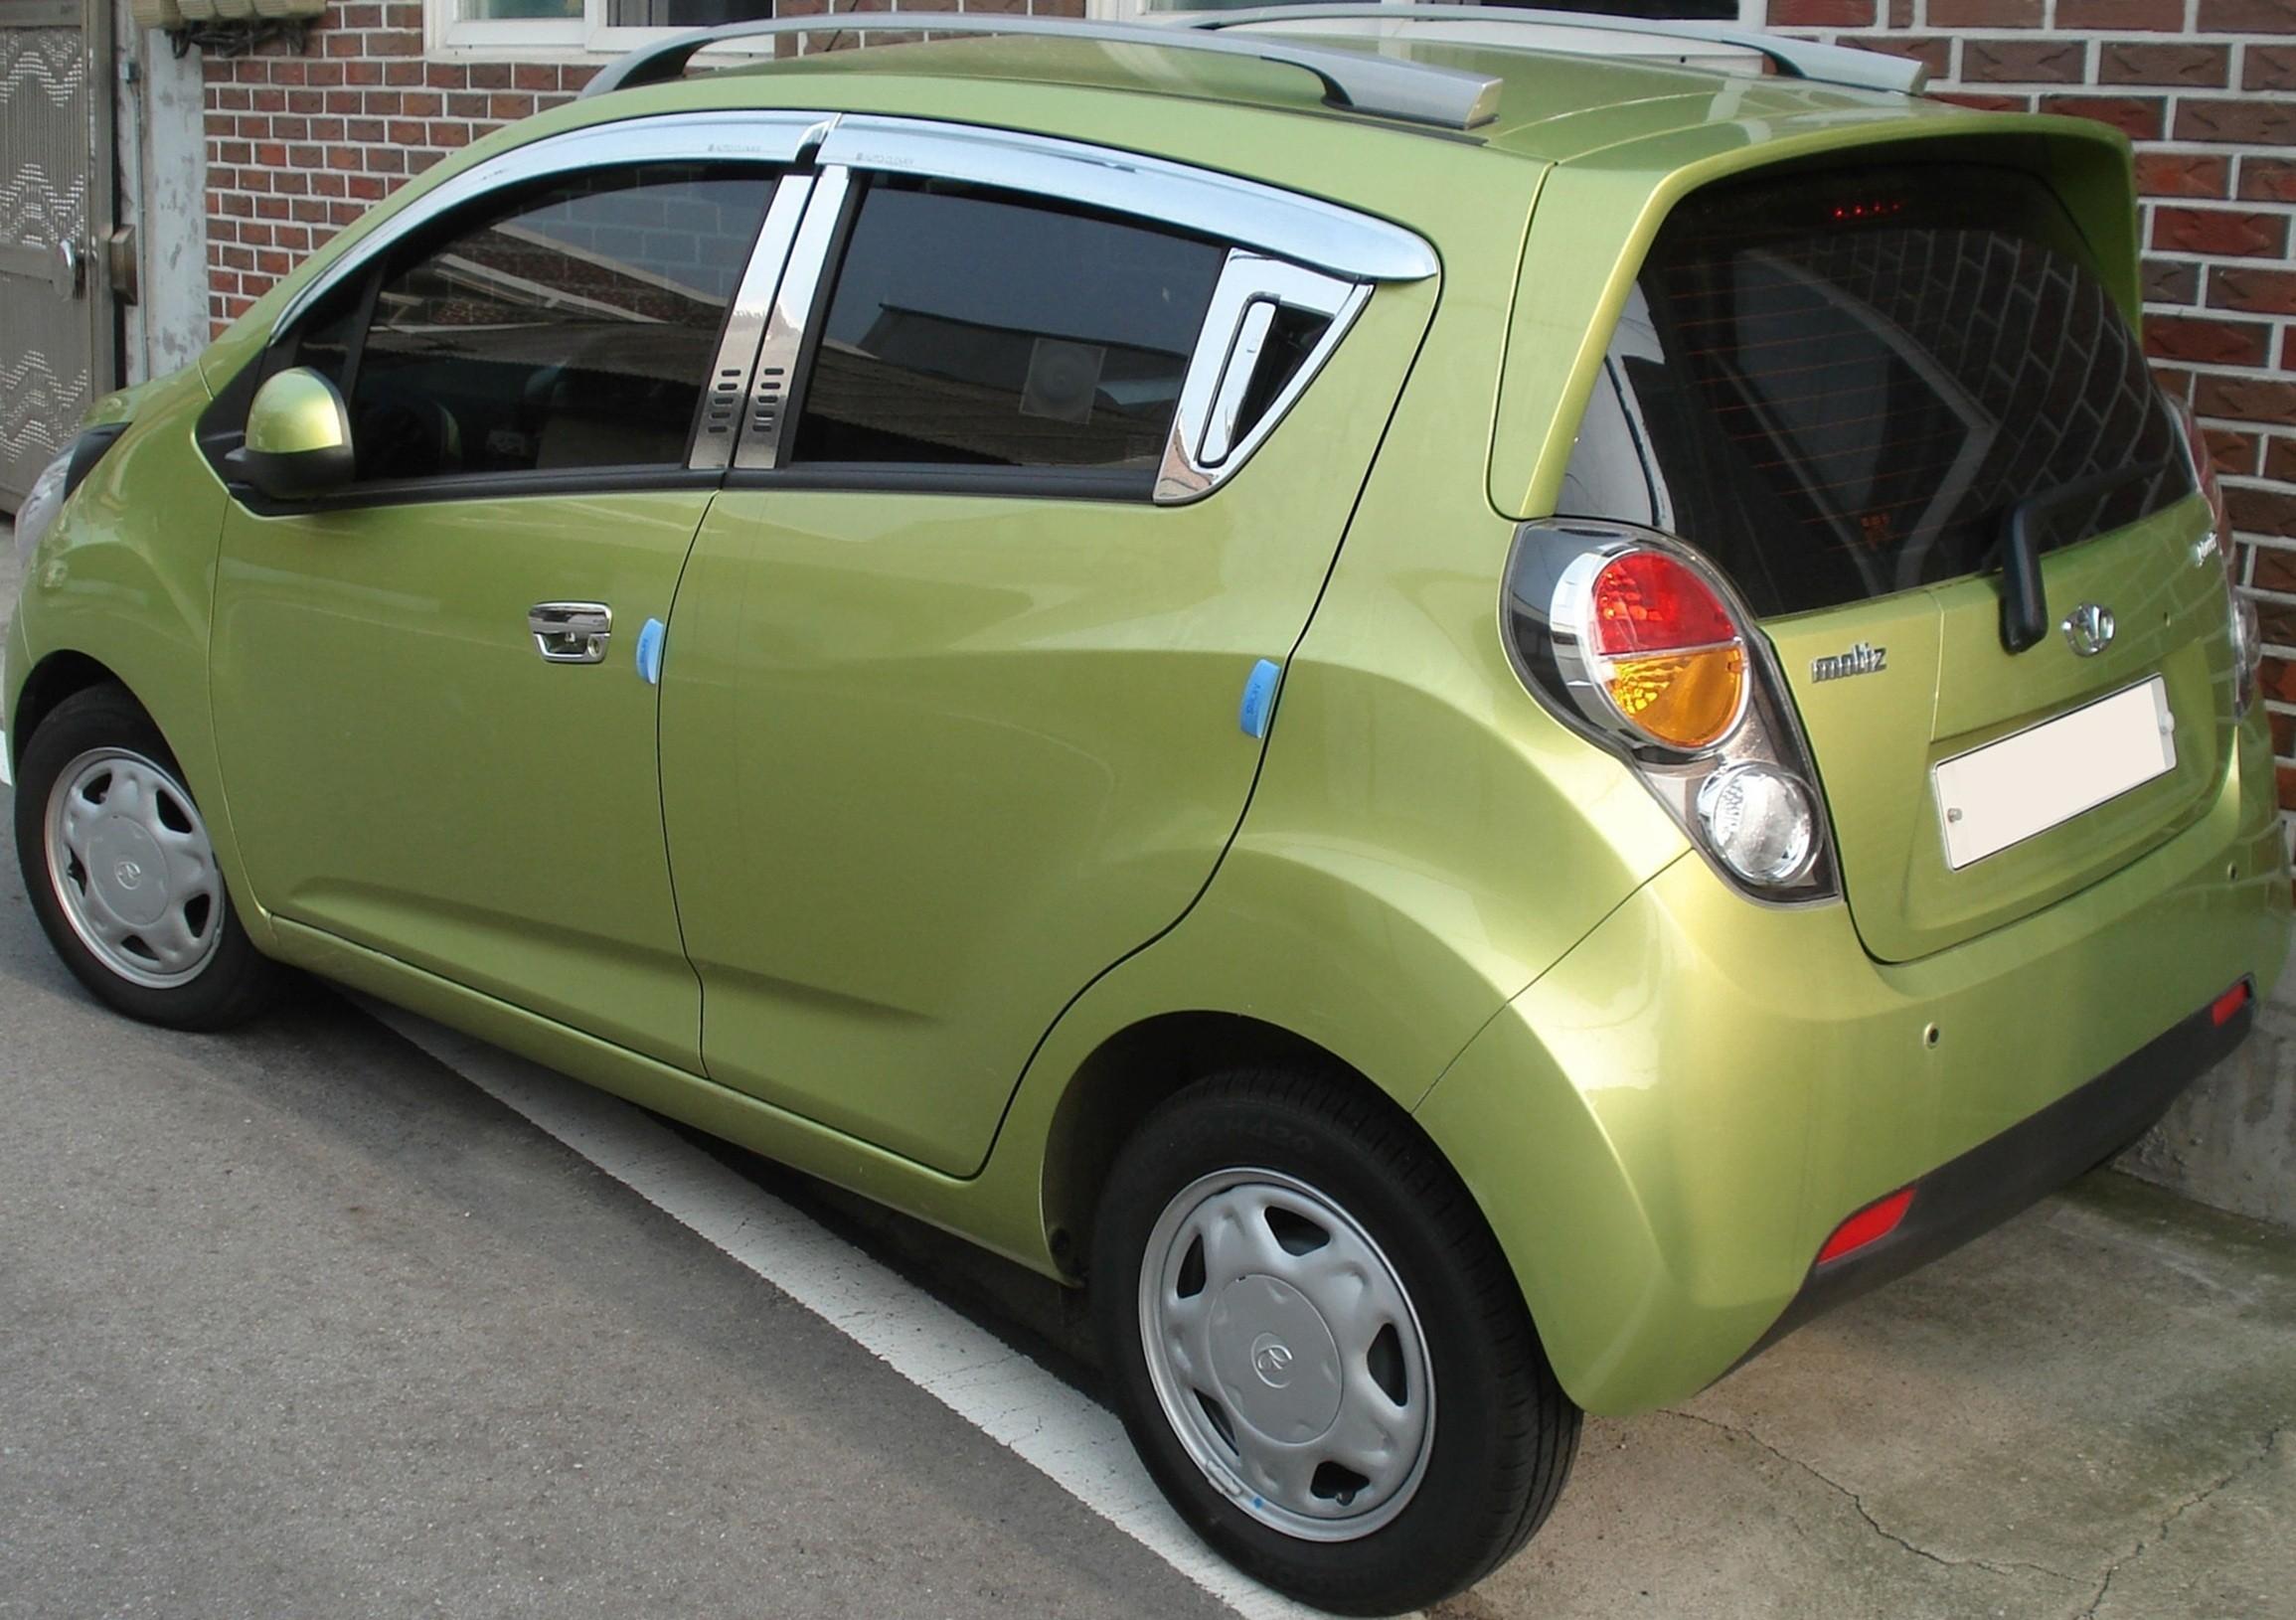 Рынок автомобилей РФпокинет супербюджетный Matiz